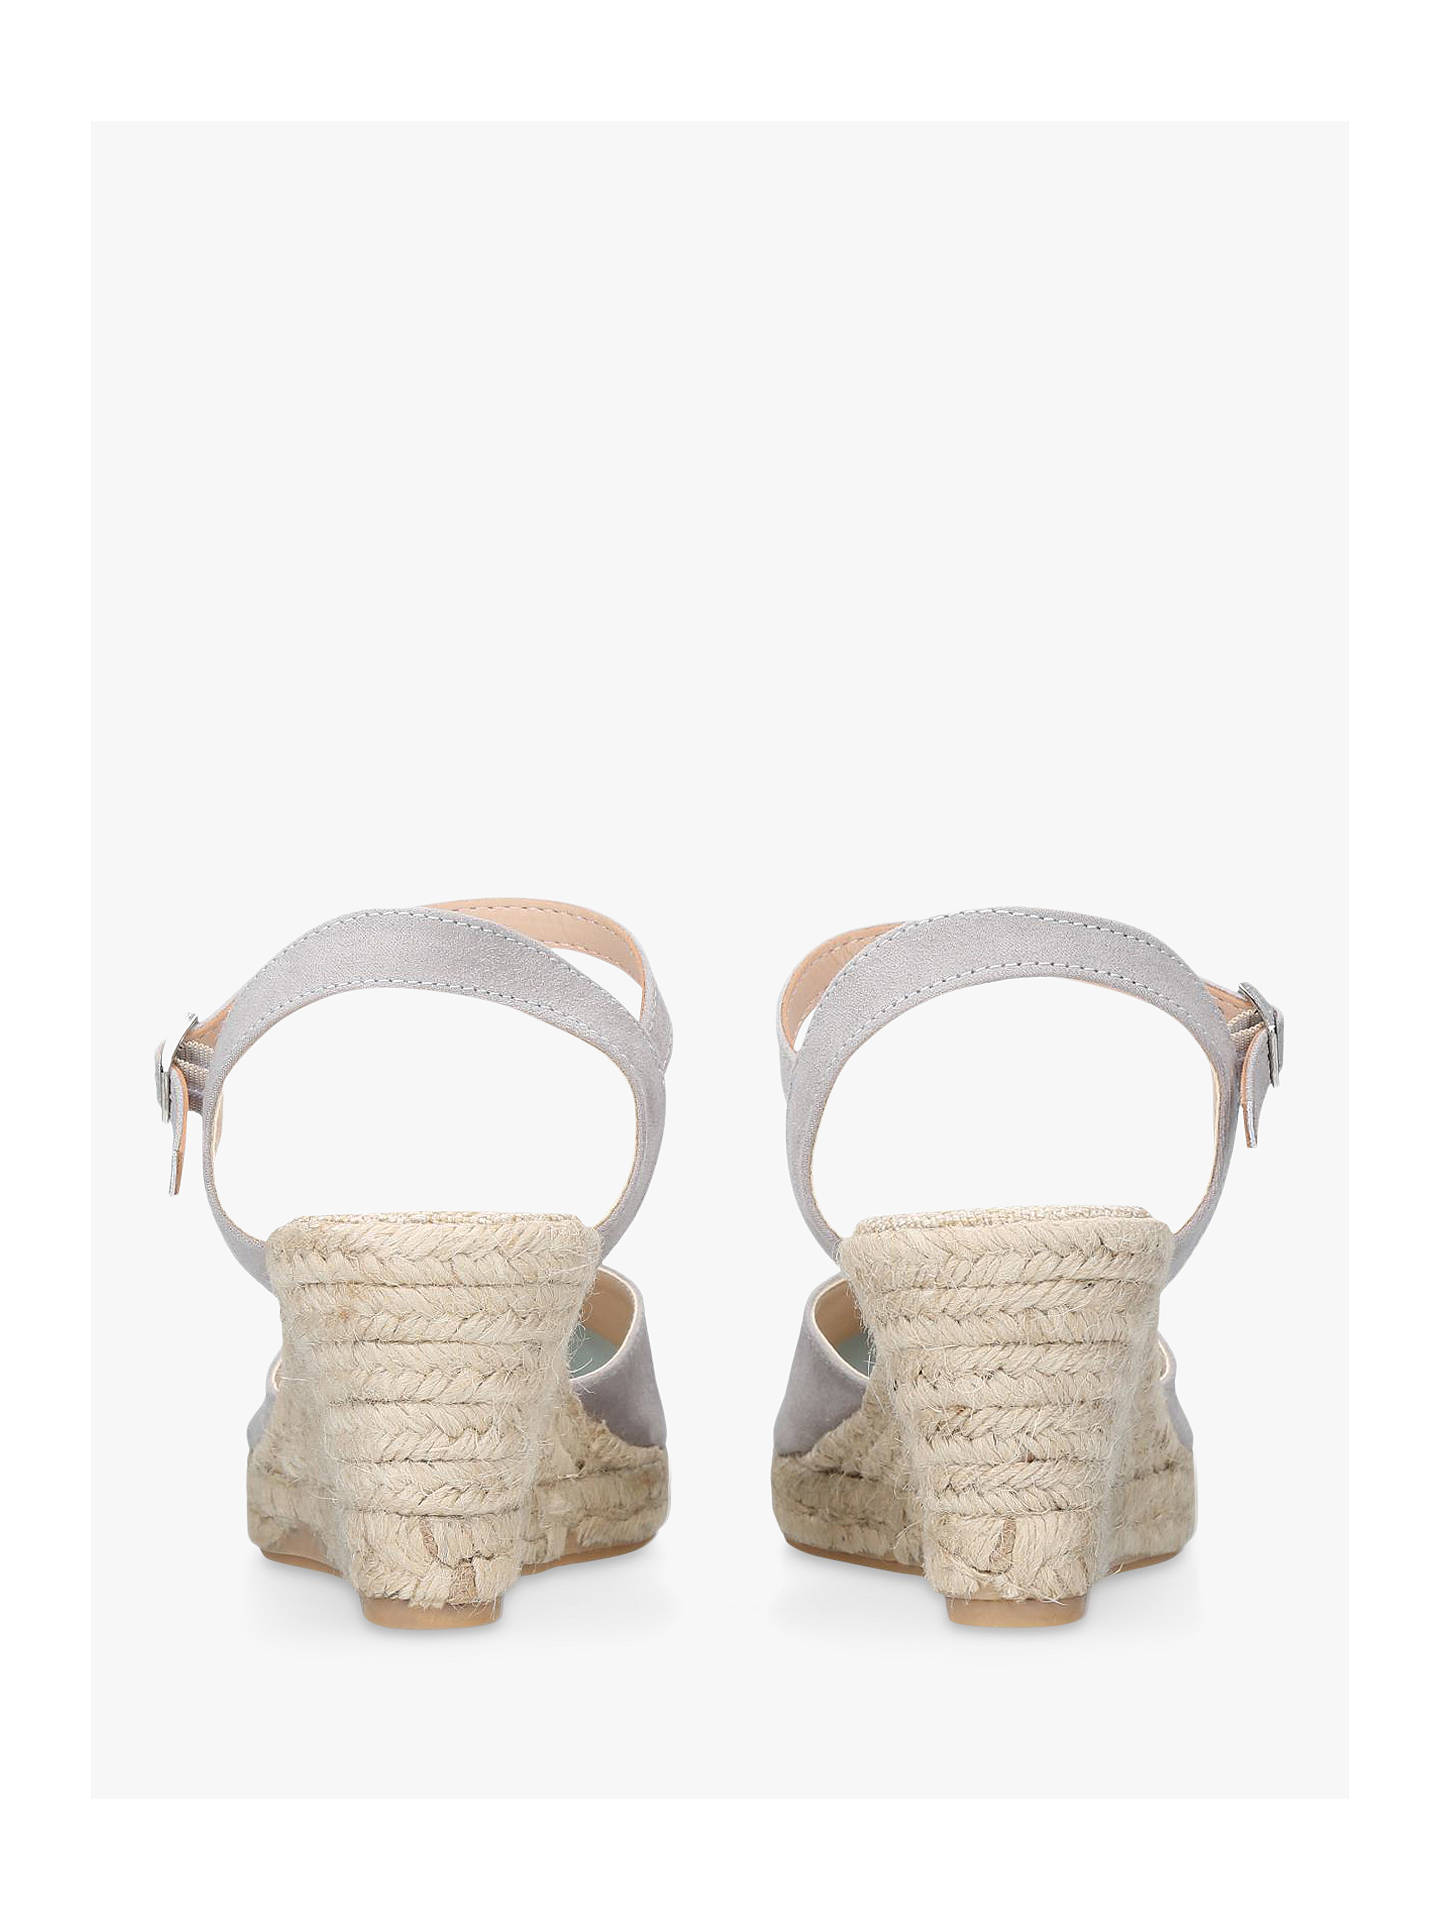 84364ed8b31 Carvela Sabrina 2 Wedge Heel Sandals, Grey